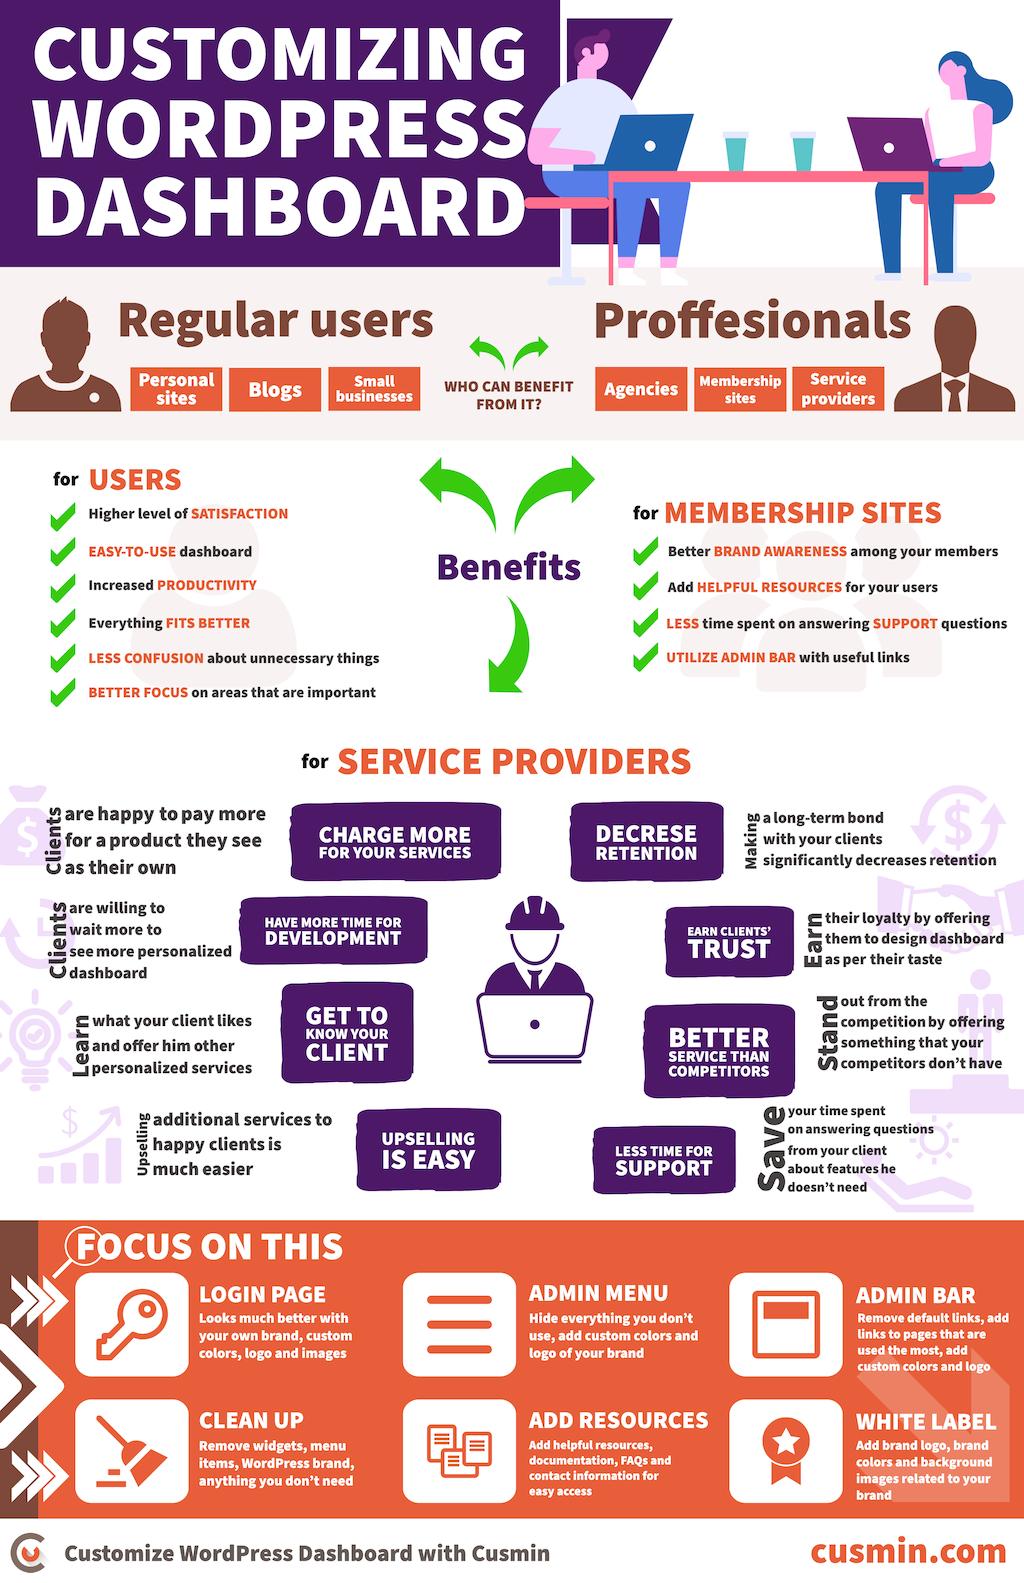 Customizing WordPress Dashboard - Illustration